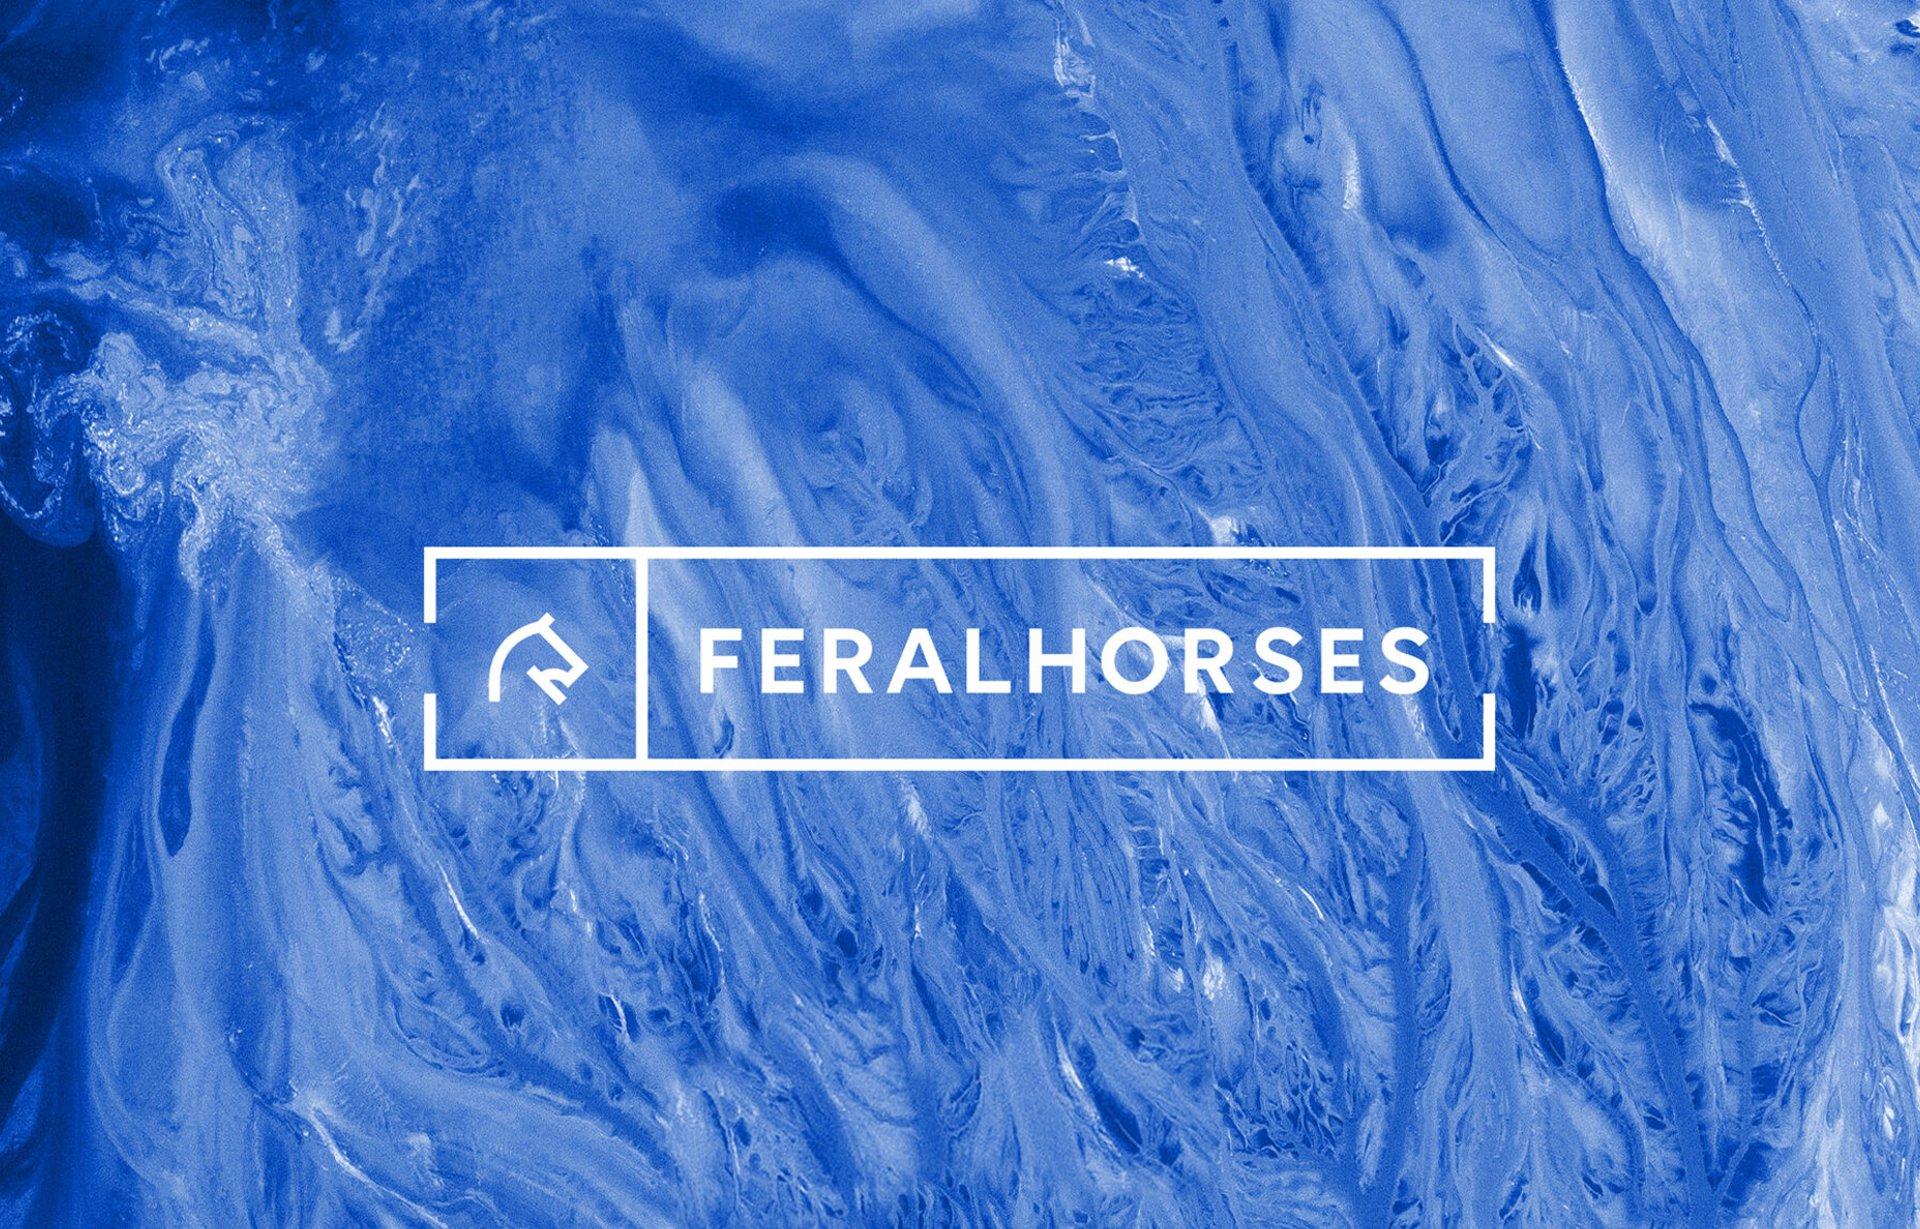 FERALHORSES